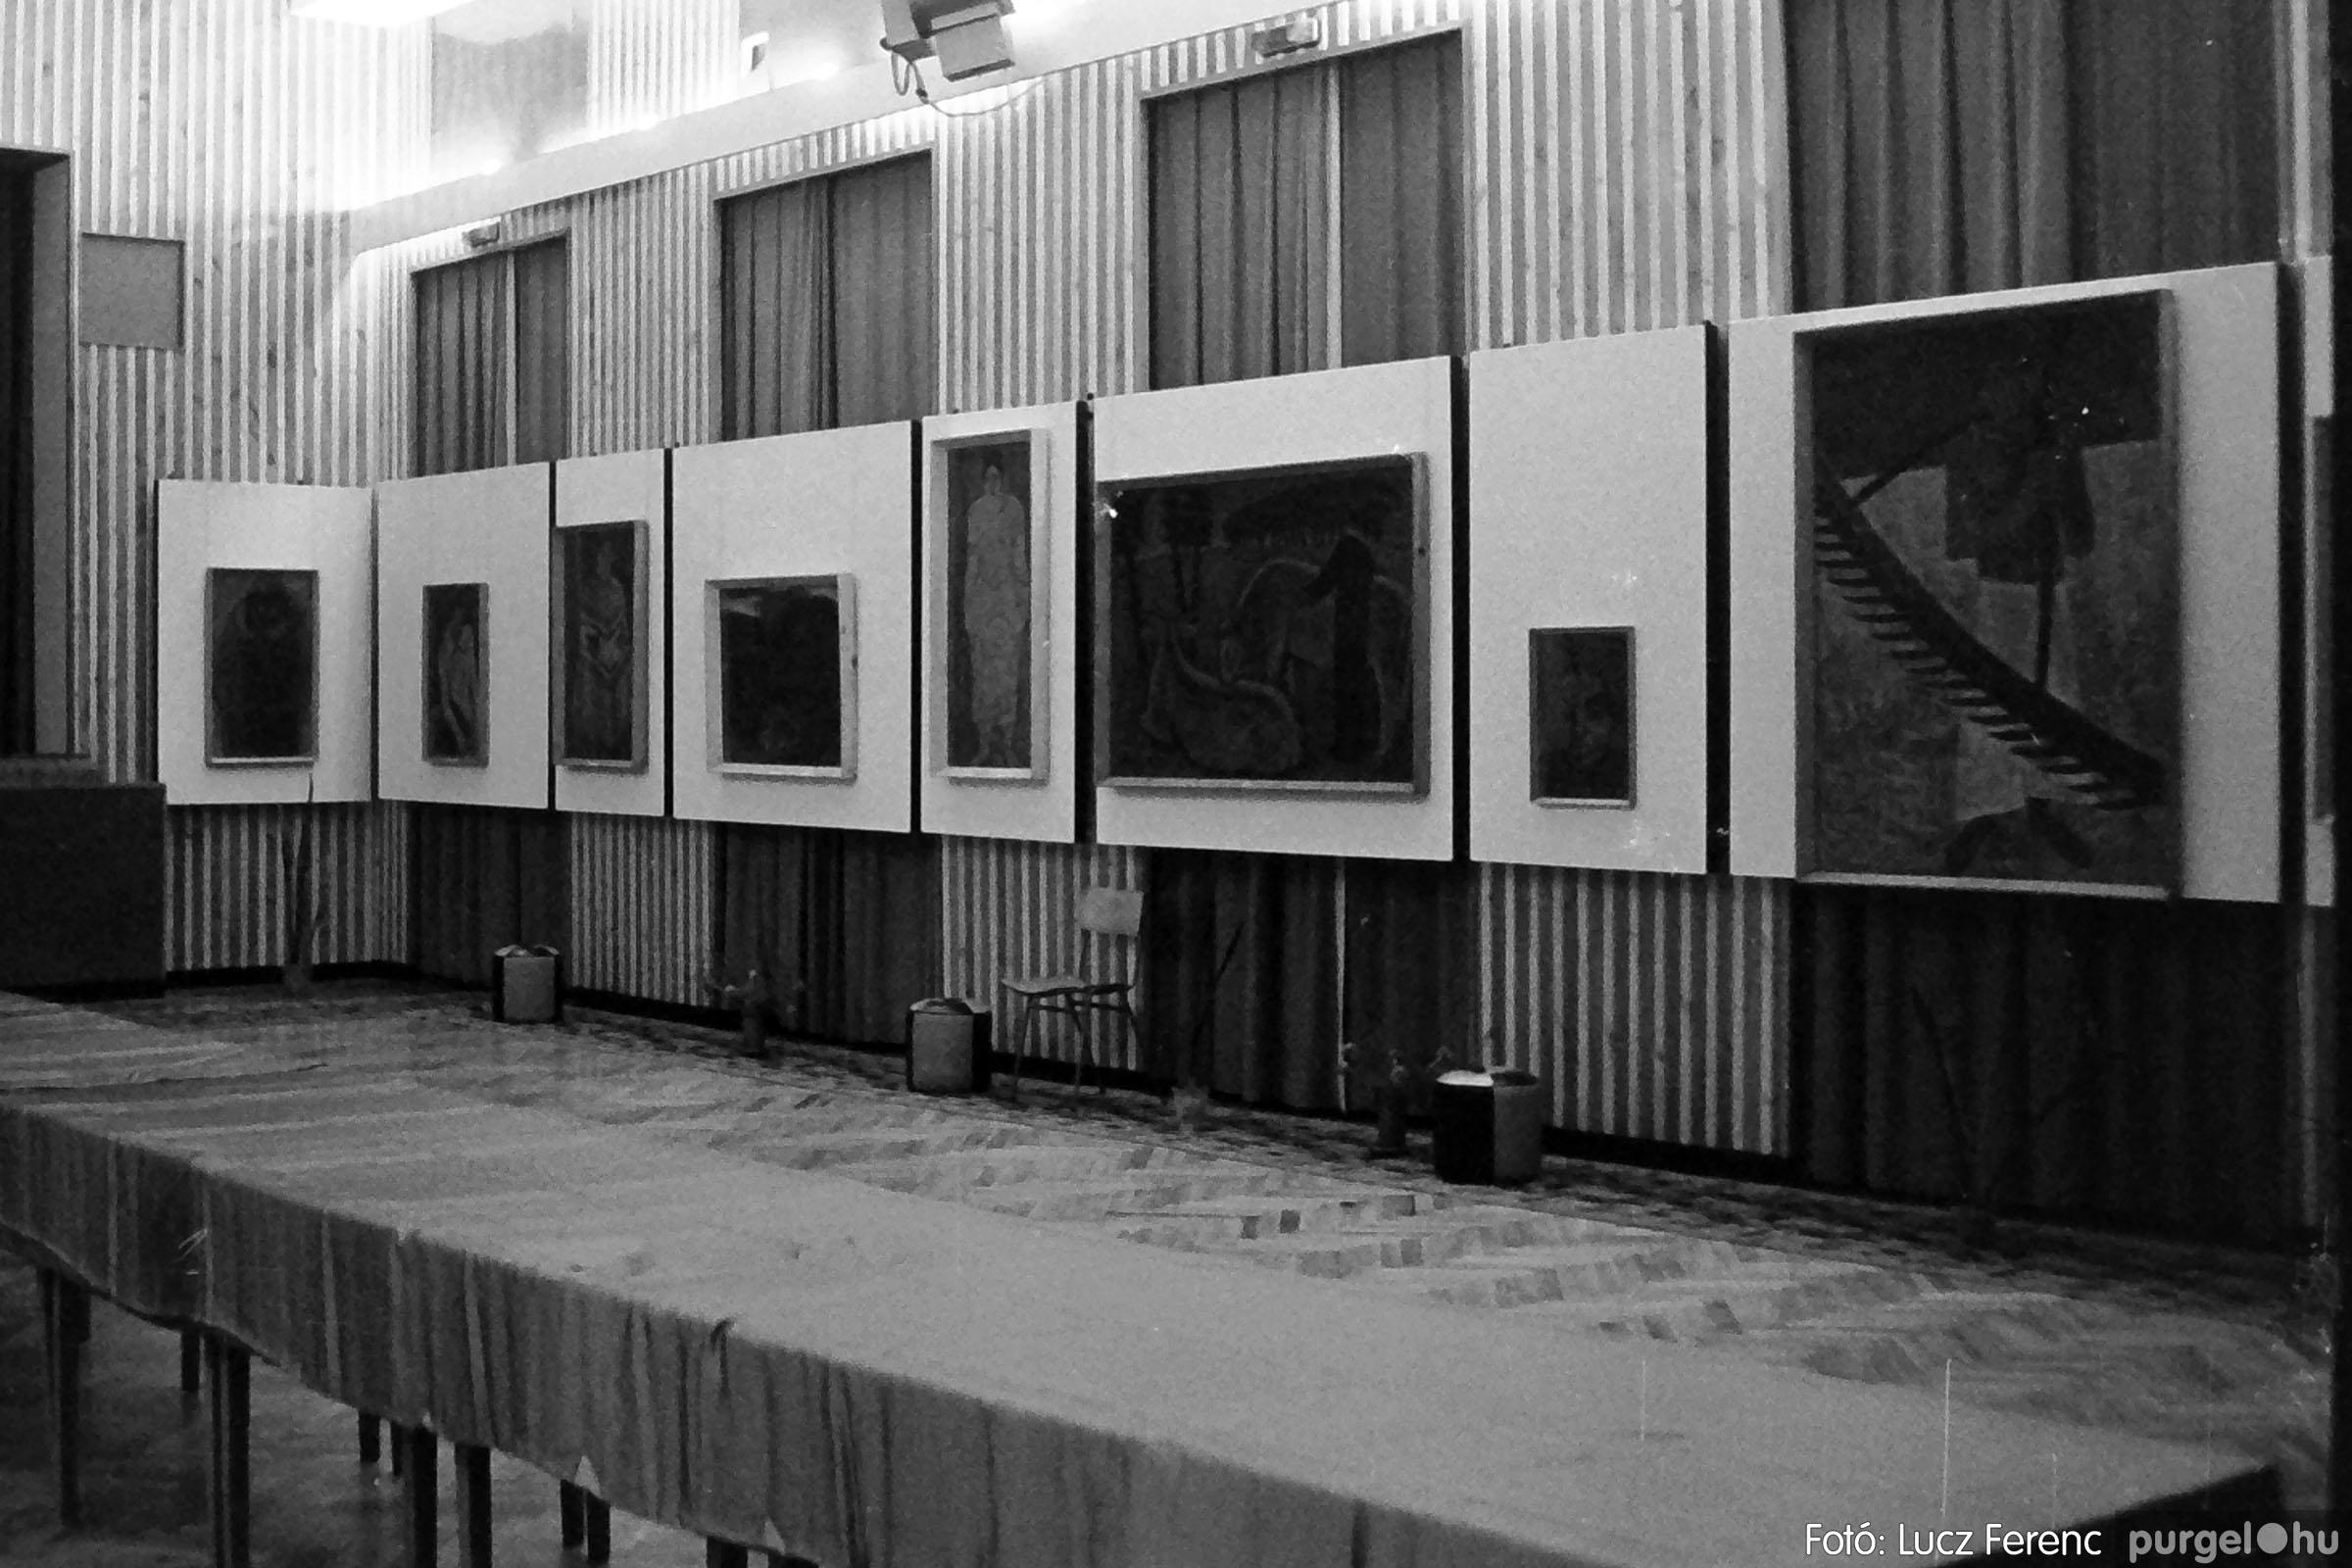 024 1975.10. Németh József és Szalay Ferenc festőművészek kiállítása 012 - Fotó: Lucz Ferenc IMG00212q.jpg